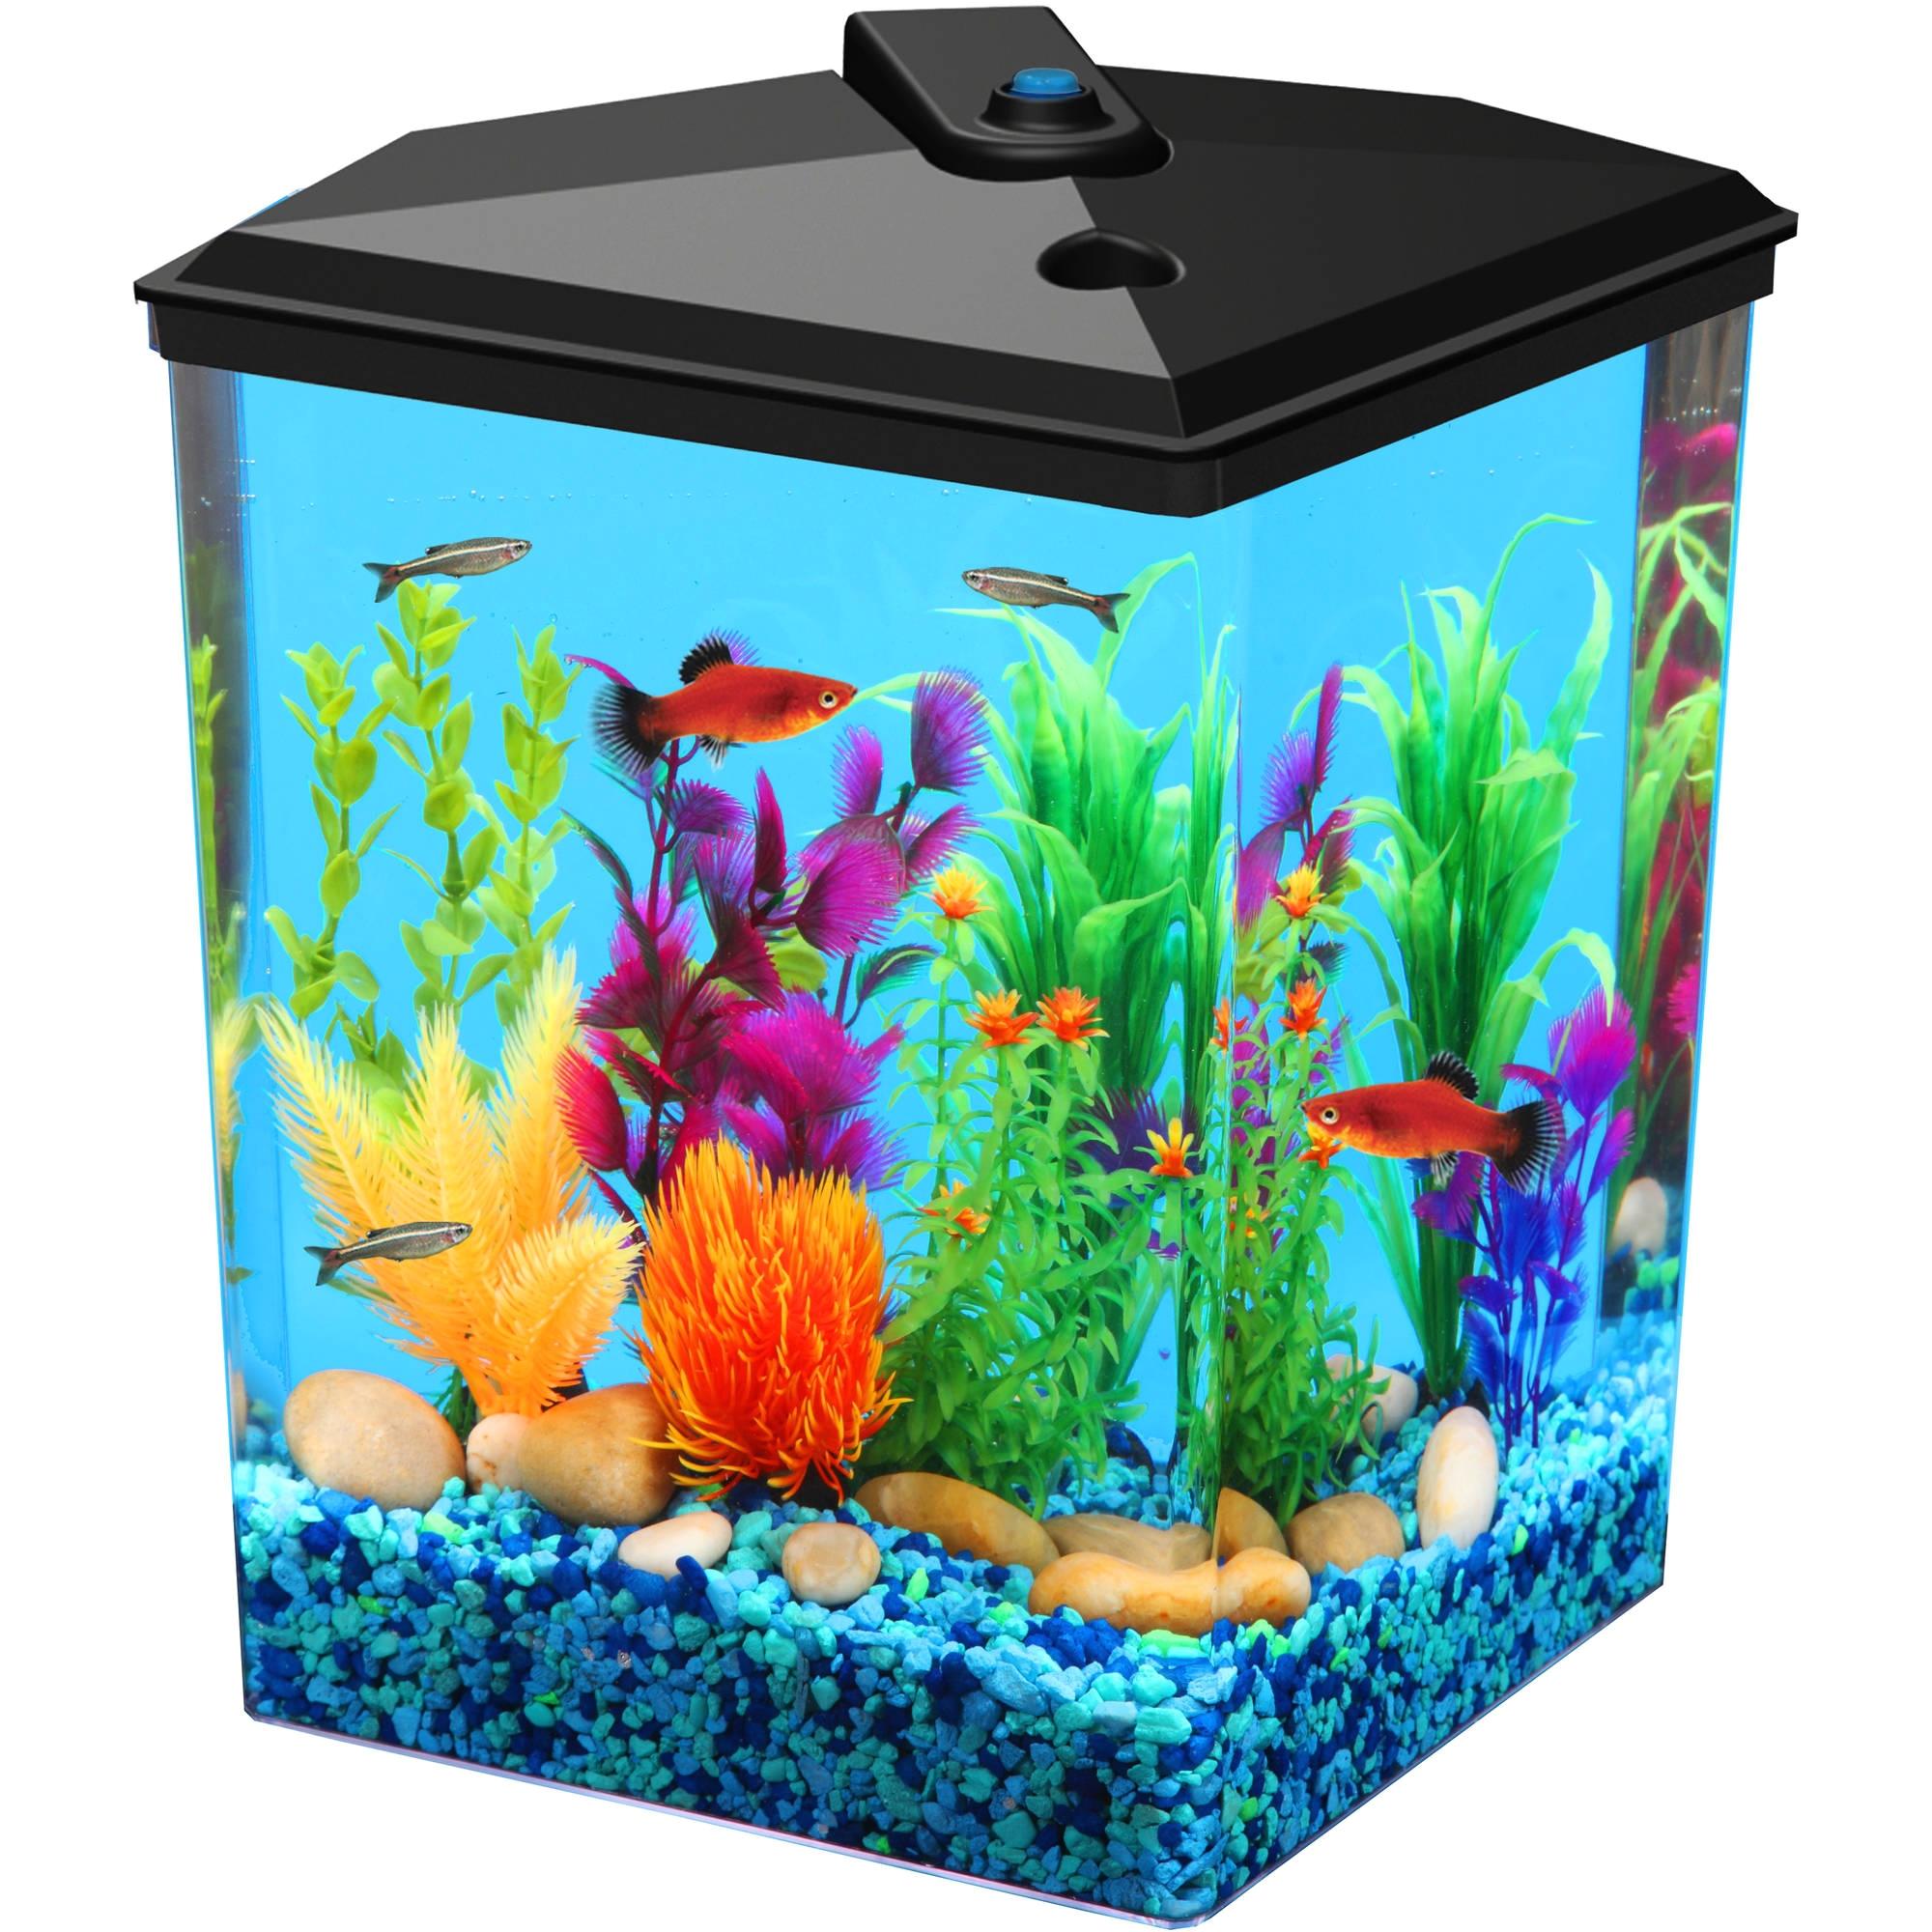 Star Wars Fish Tank Decorations for Sale Penn Plax Cascade 300 Internal Aquarium Filter 1 0 Ct Walmart Com